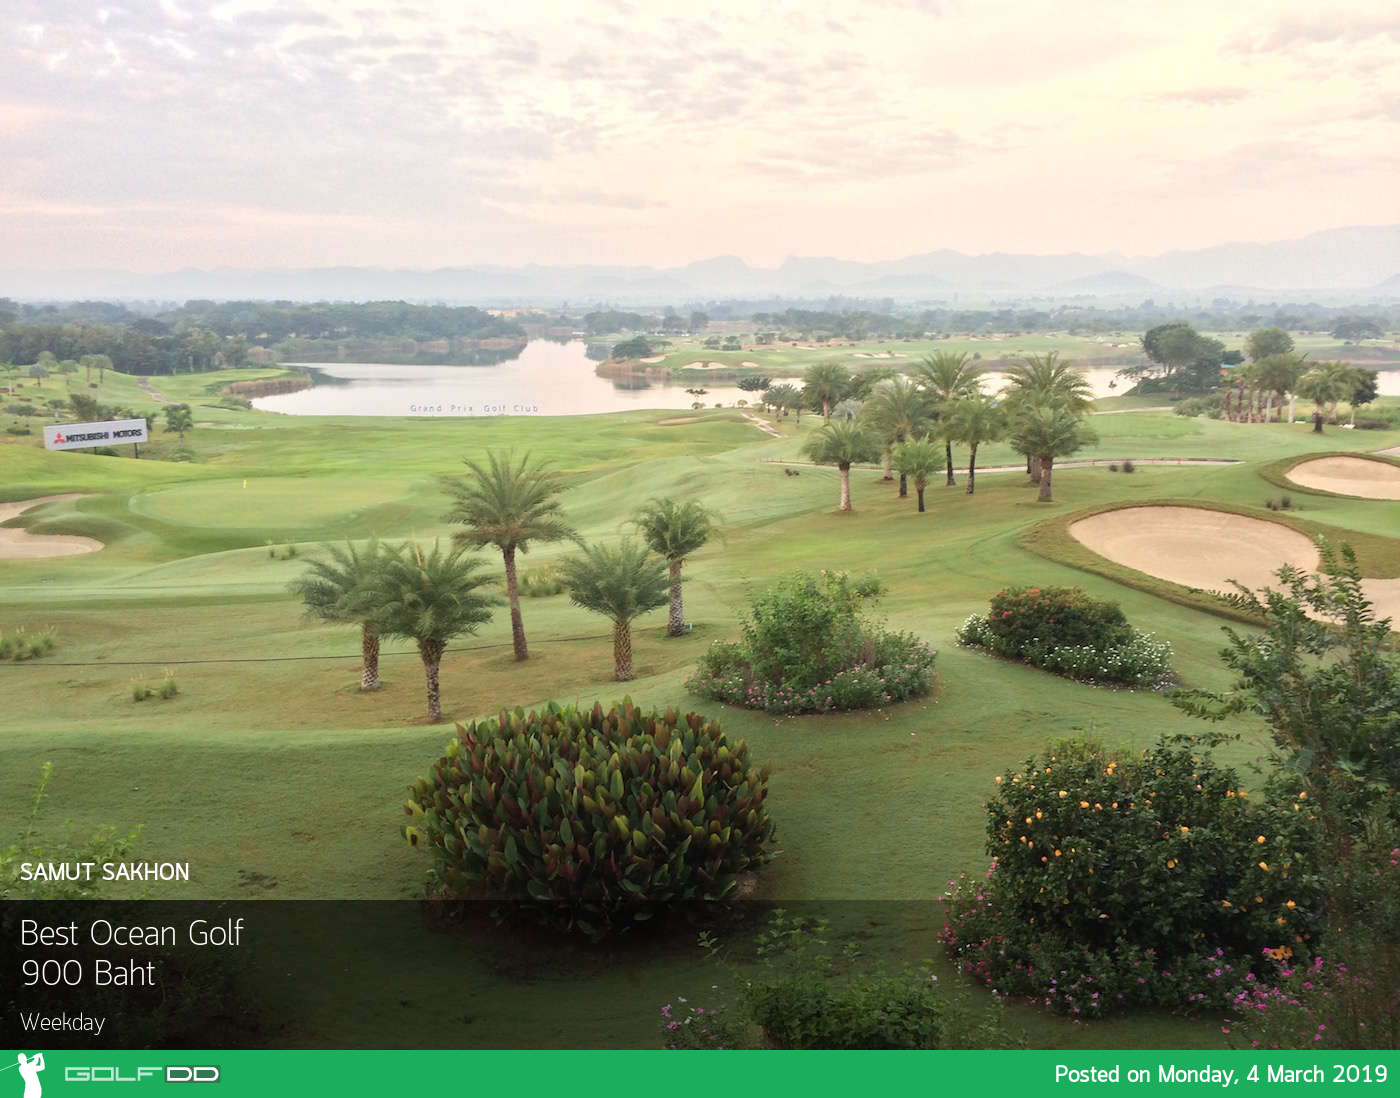 จองสนาม Best Ocean Golf จ.สมุทรปราการ ผ่านกอล์ฟดีดี จองฟรีไม่มีตัดบัตร